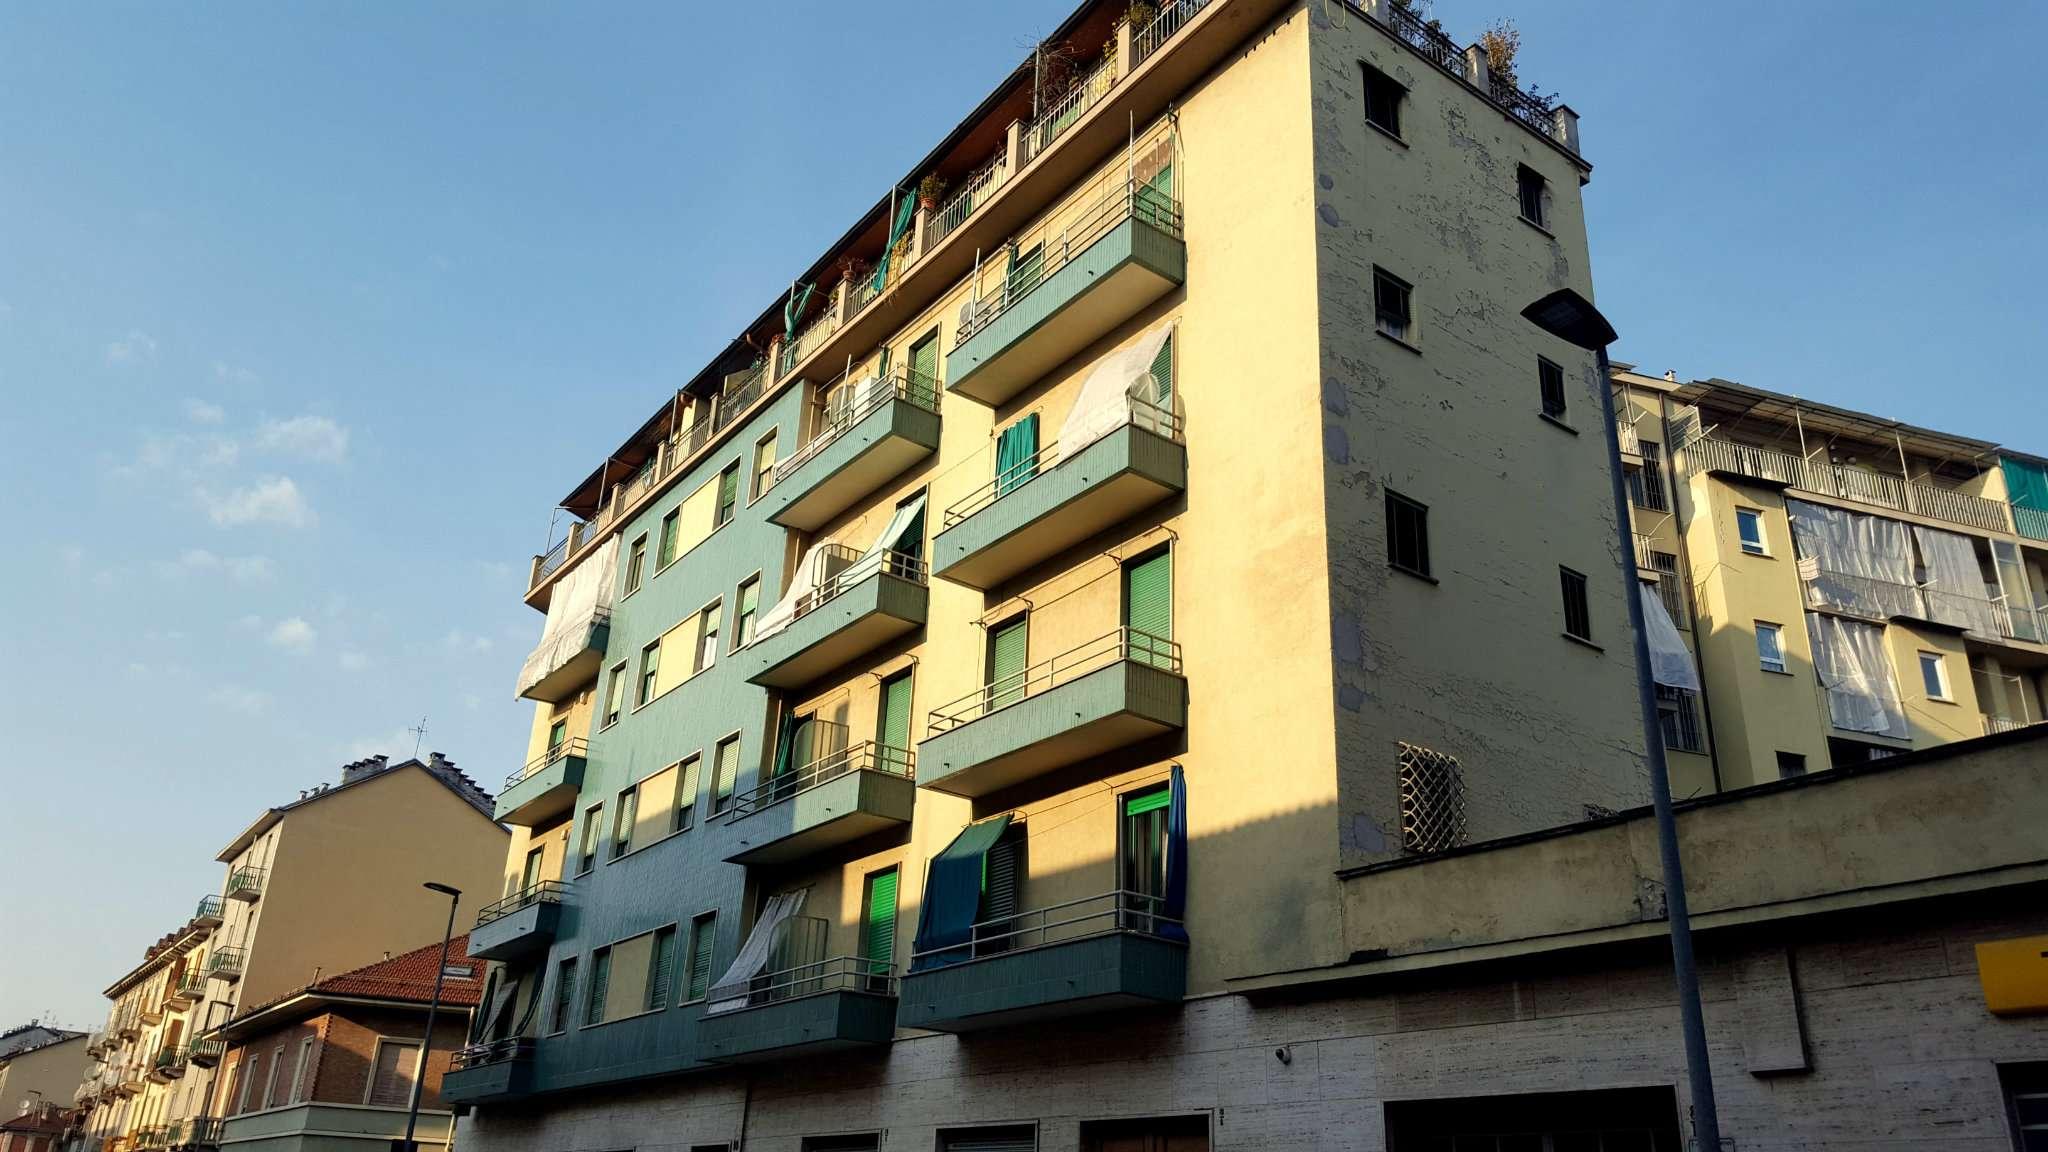 Appartamento in vendita Zona Barriera Milano, Falchera, Barca-Be... - via Fossata 10 Torino